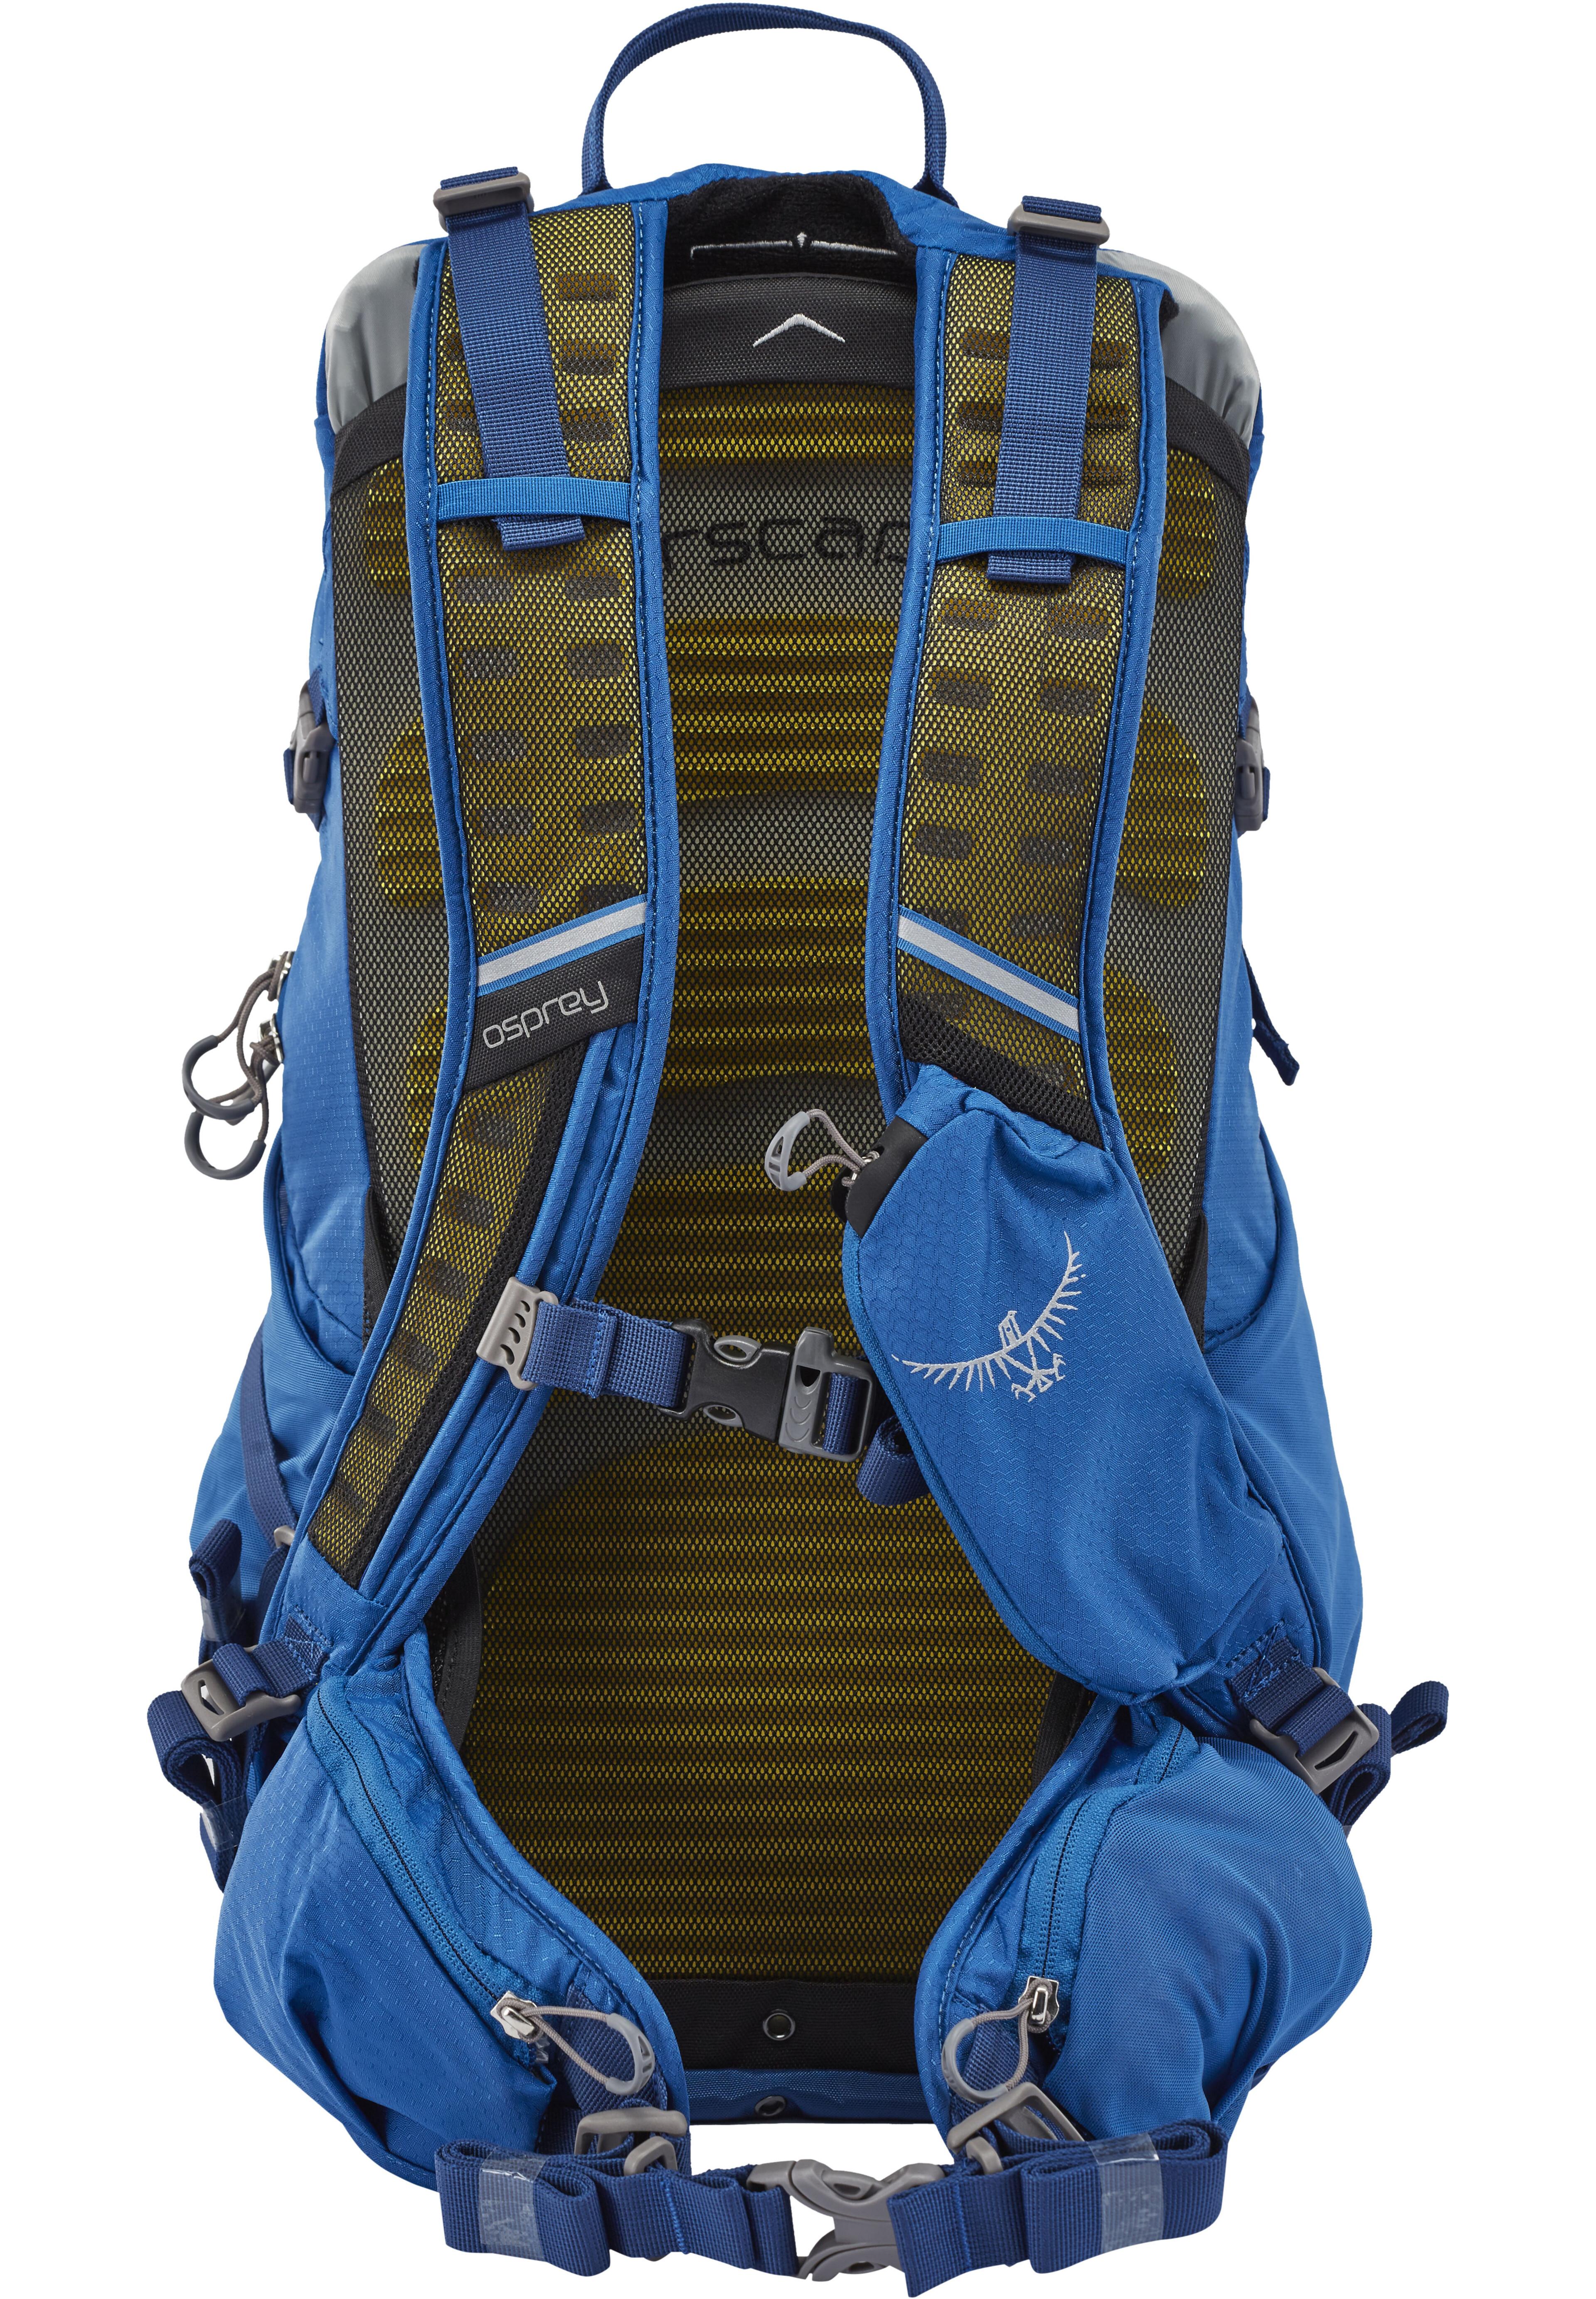 b5d30cdaa6f06 Osprey Escapist 25 Plecak M L niebieski